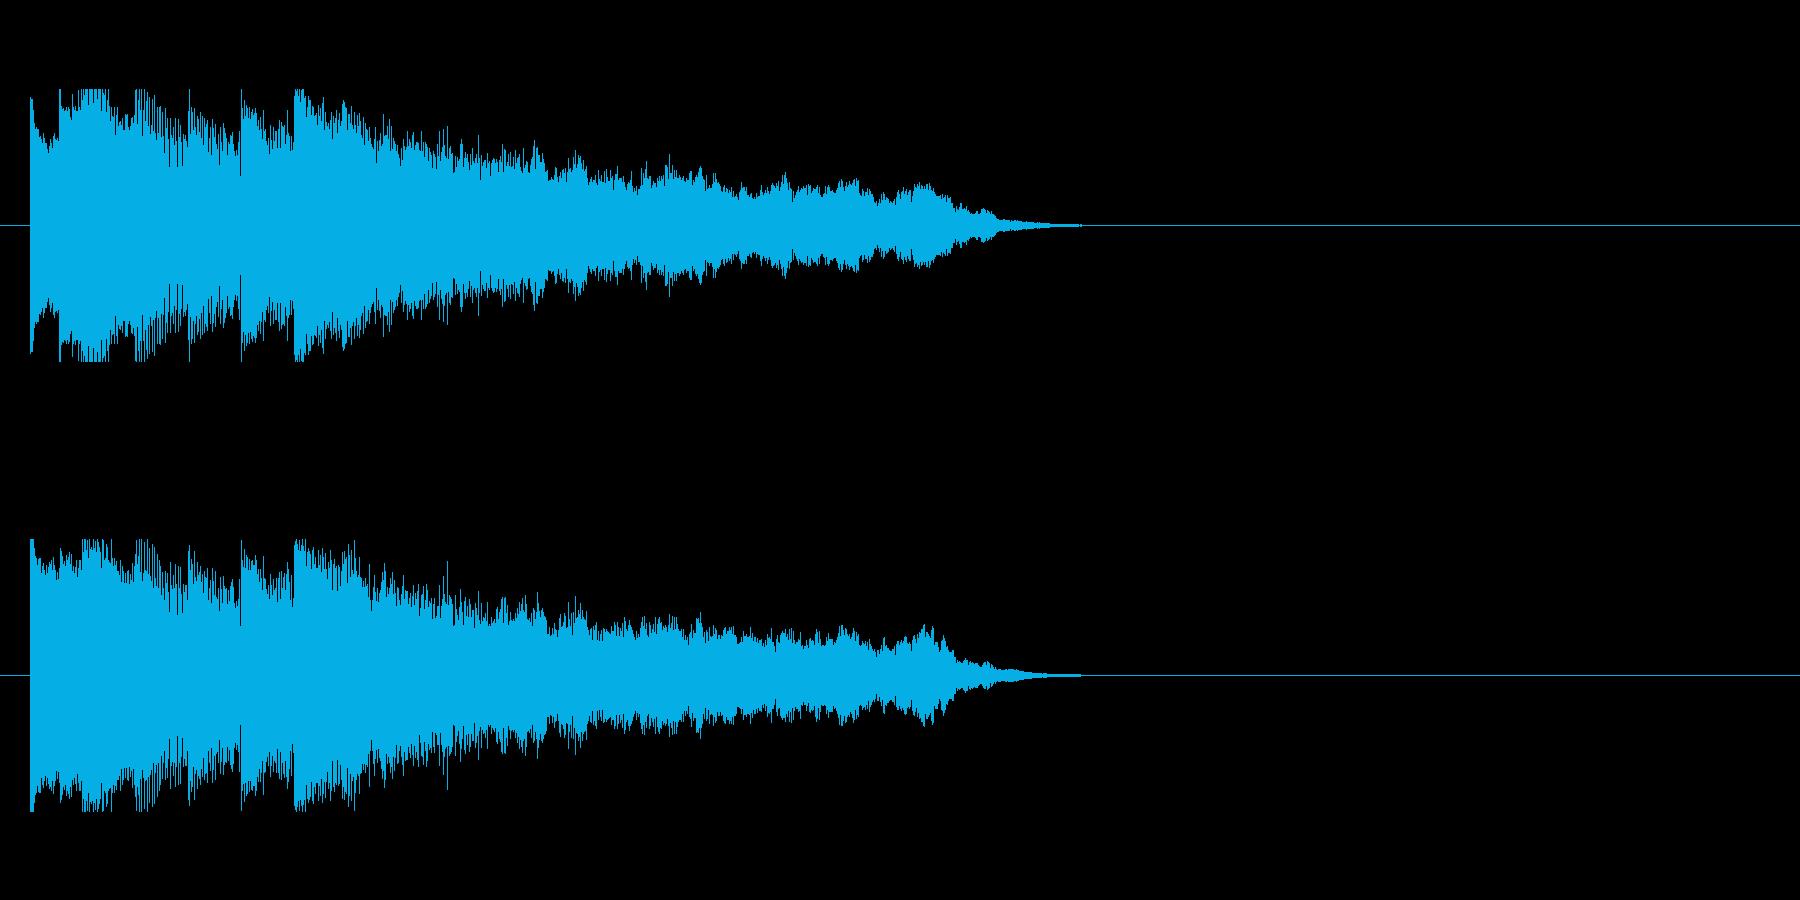 綺麗で幻想的な雰囲気のサウンドロゴの再生済みの波形